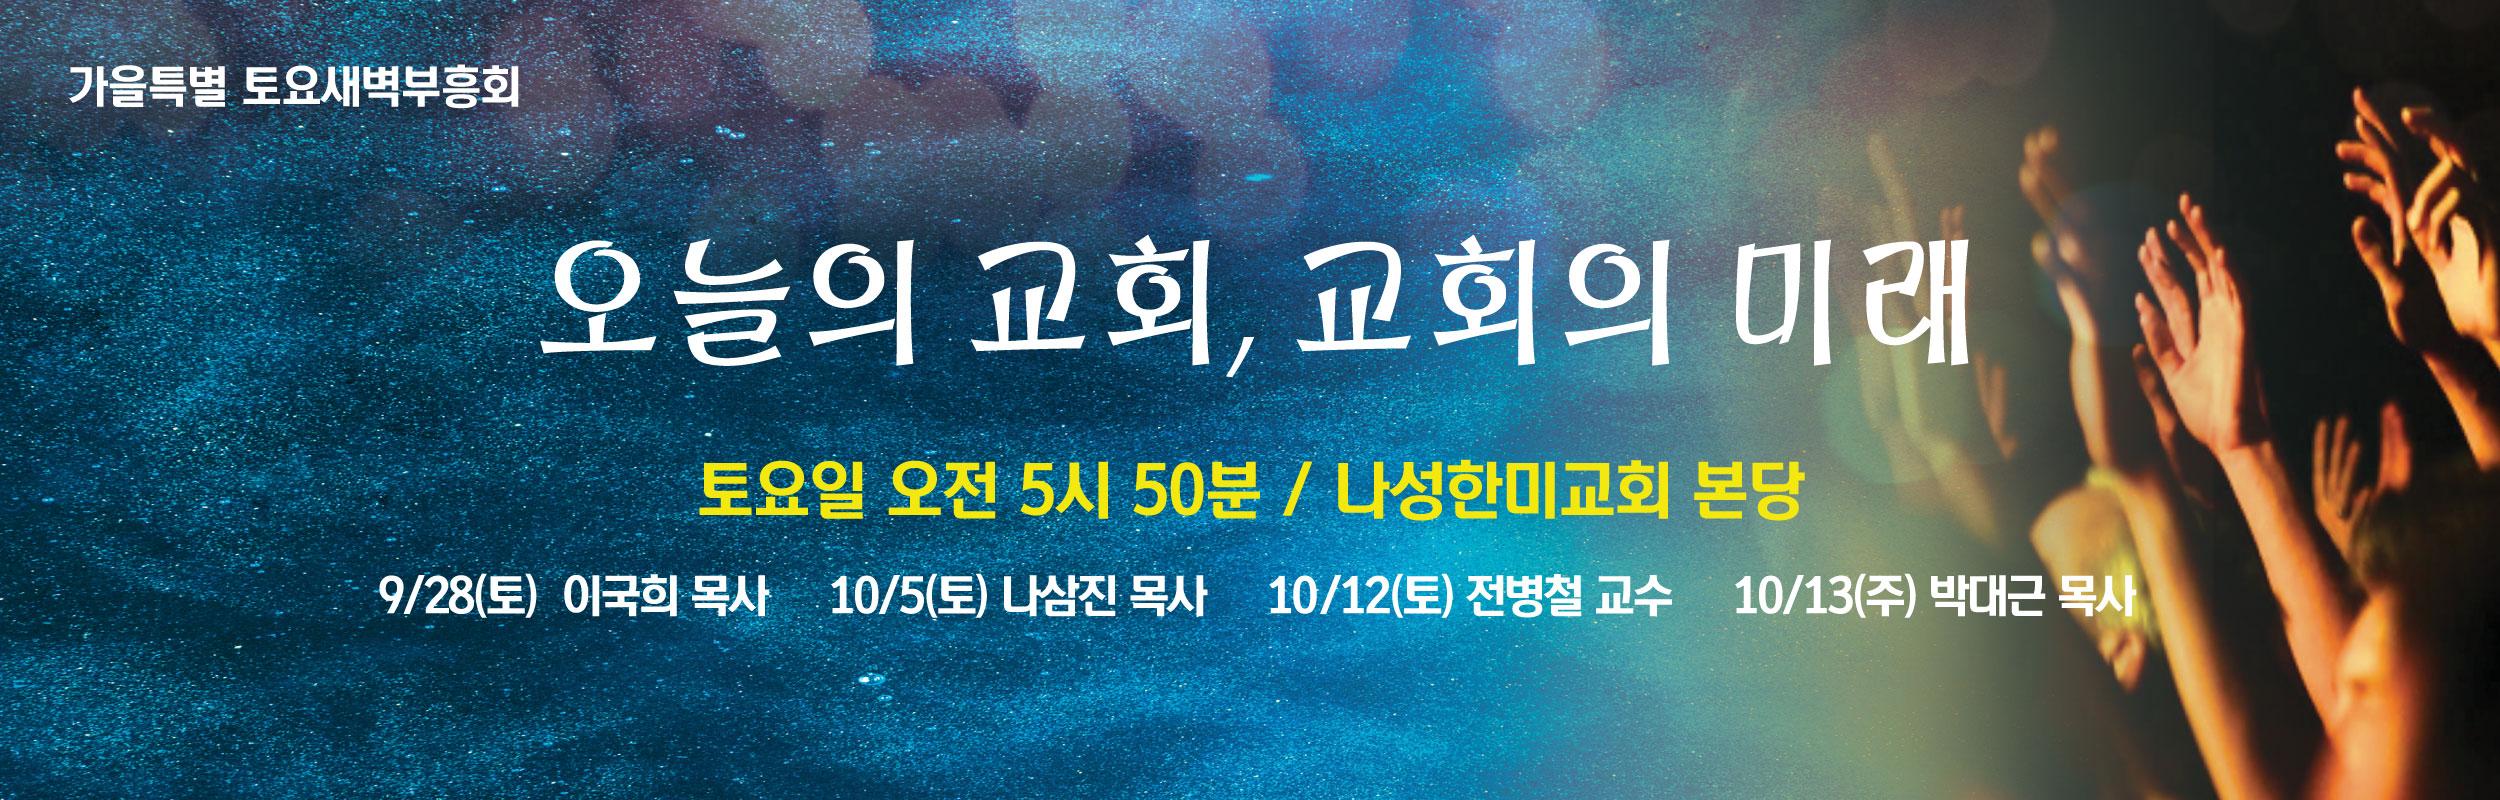 가을특별 토요새벽부흥회